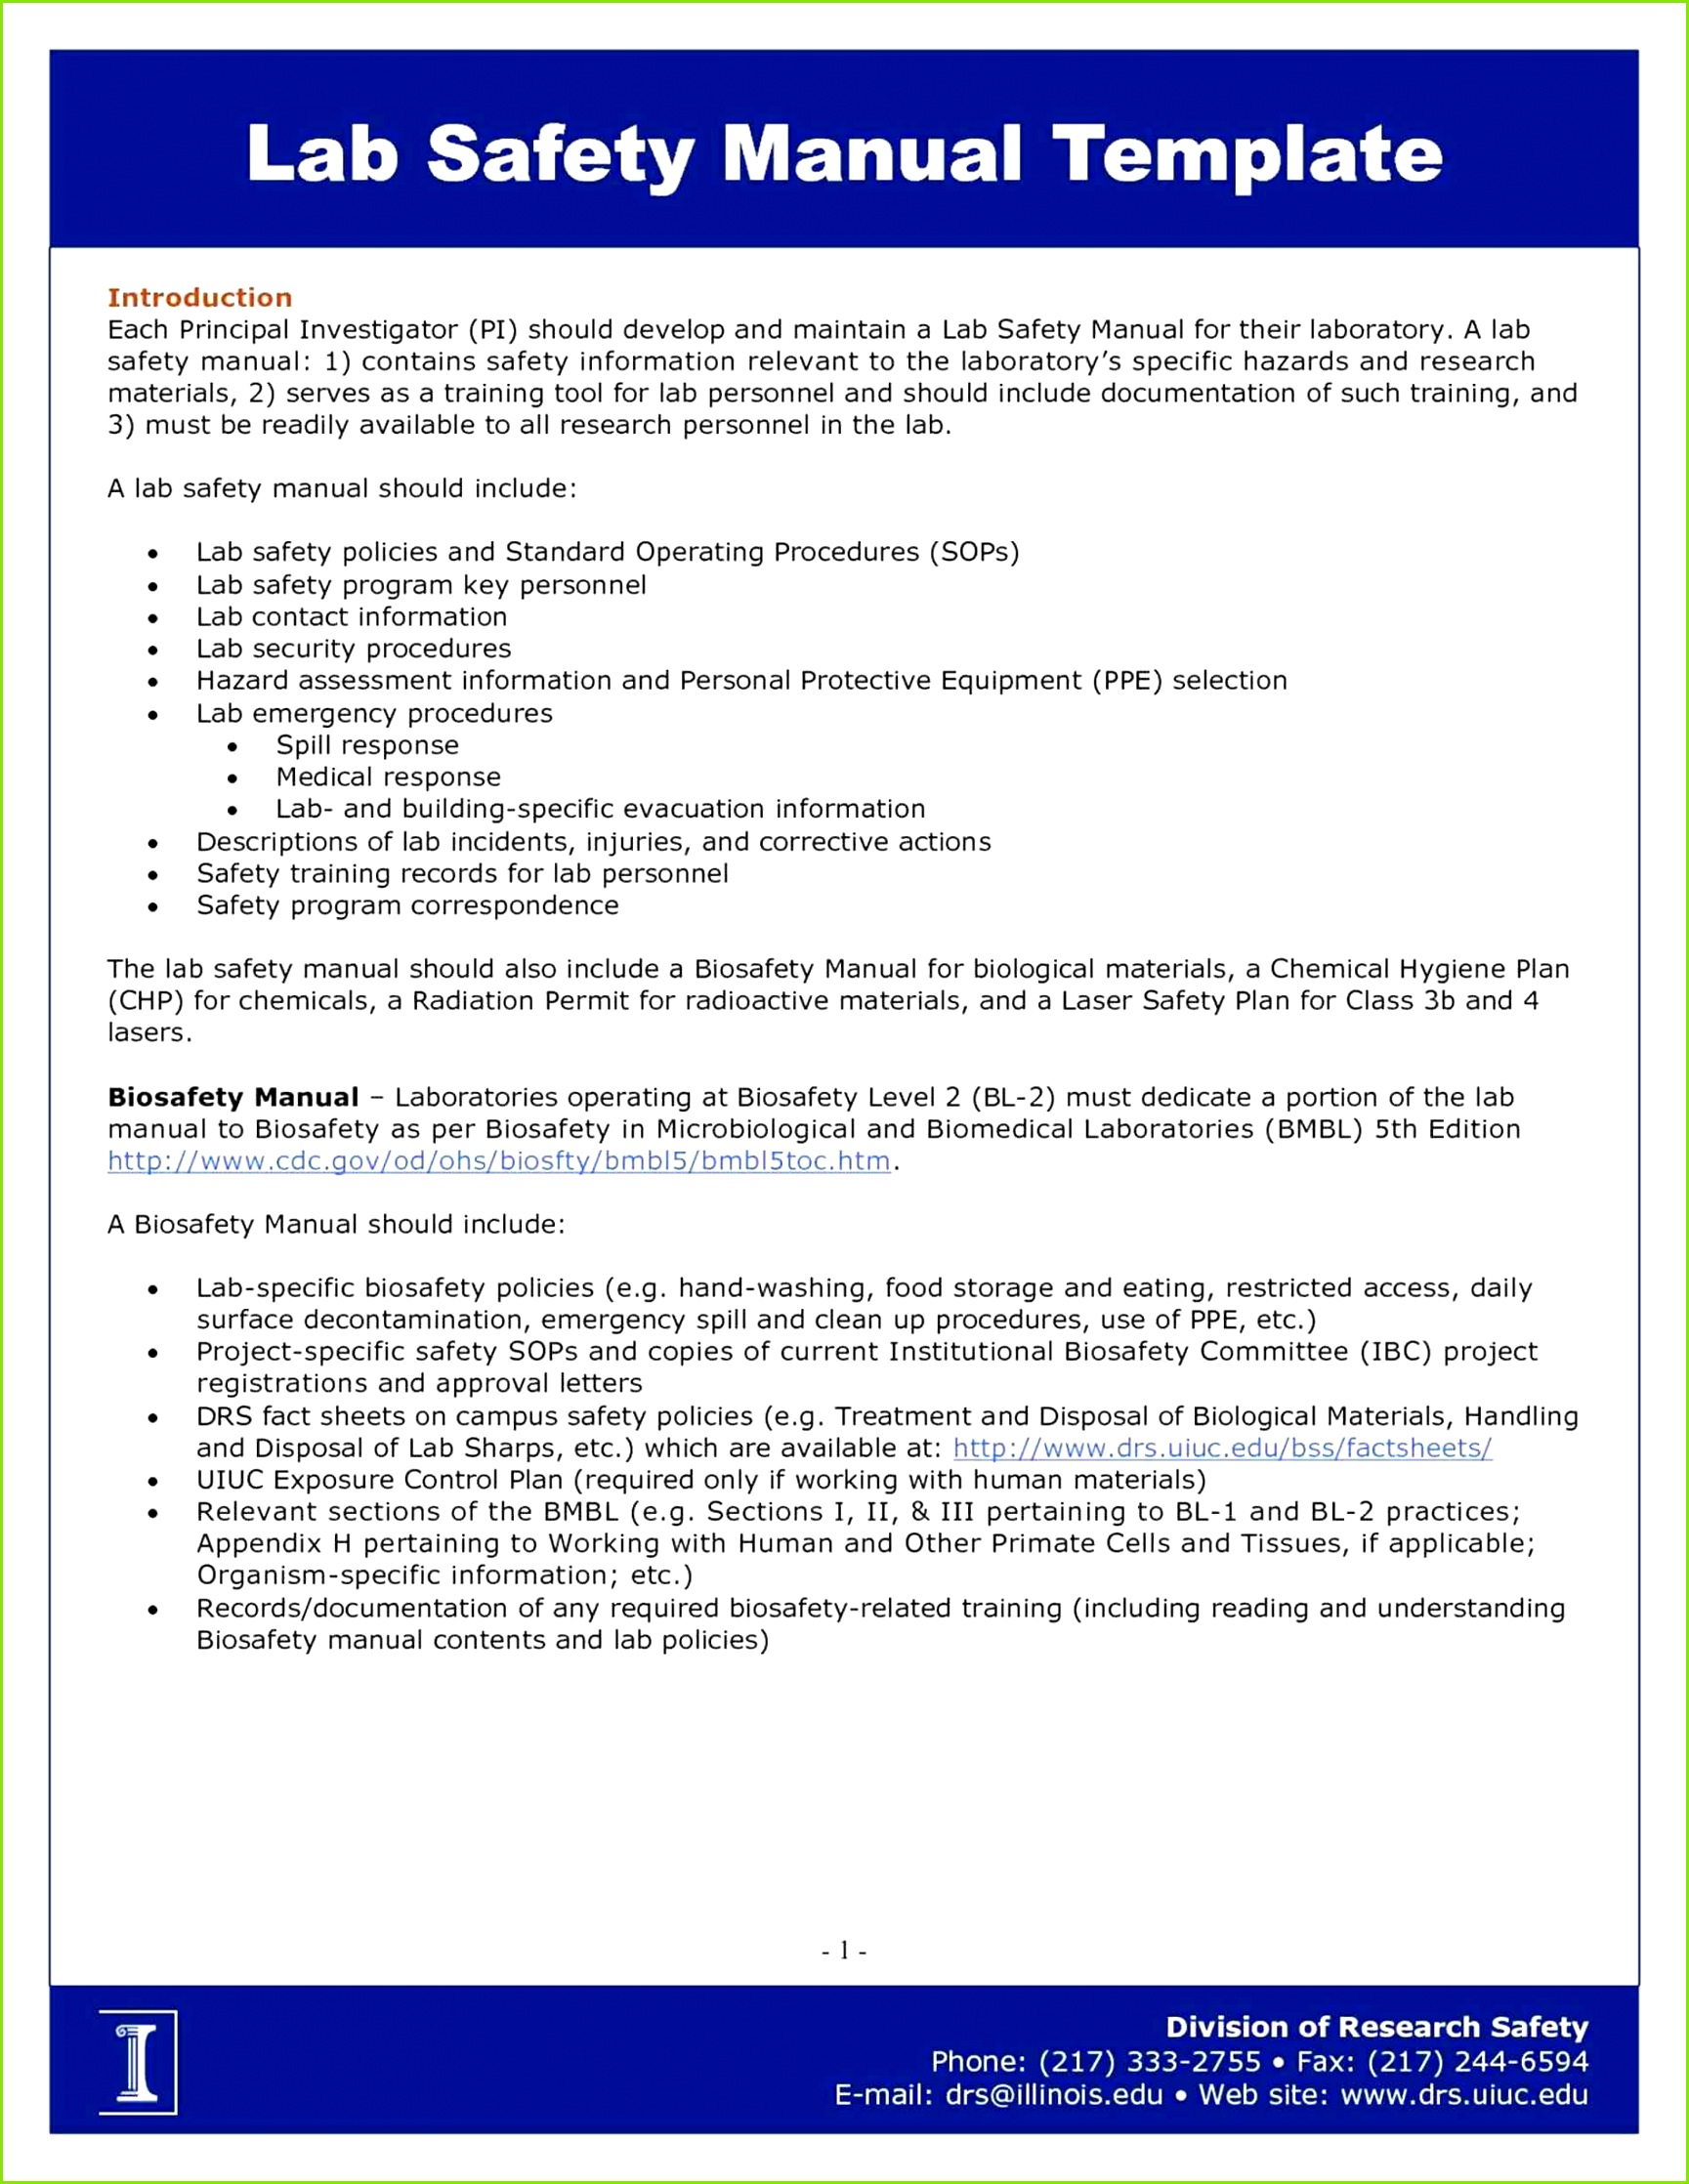 Paket Beschriften Vorlage Die Besten Brief Beschriften Vorlage 15 Email Briefkopf